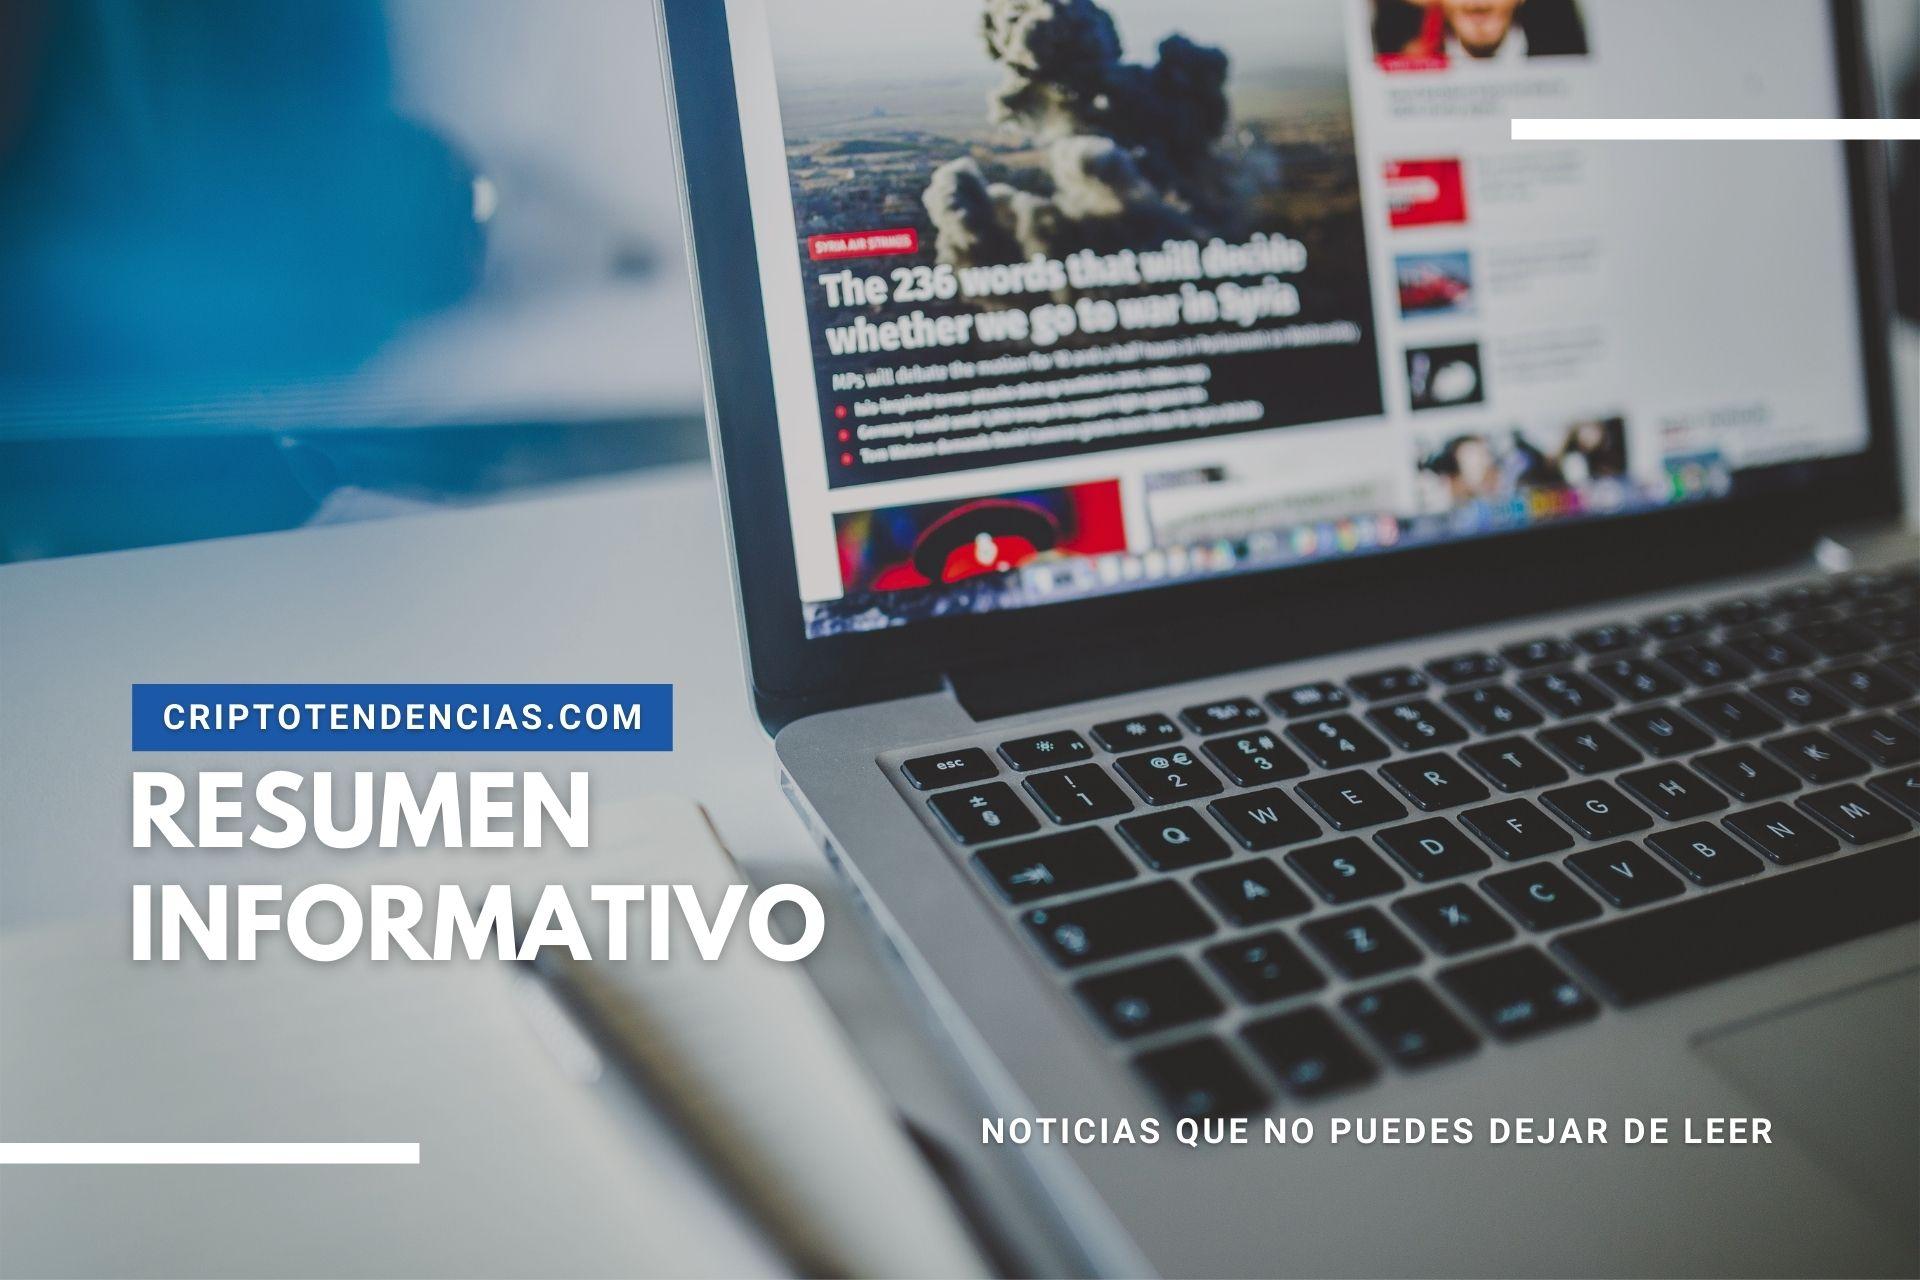 Autoridades en México advierten a los bancos sobre las criptomonedas, dudan sobre los beneficios del dólar digital, blockchain y más en nuestro resumen informativo